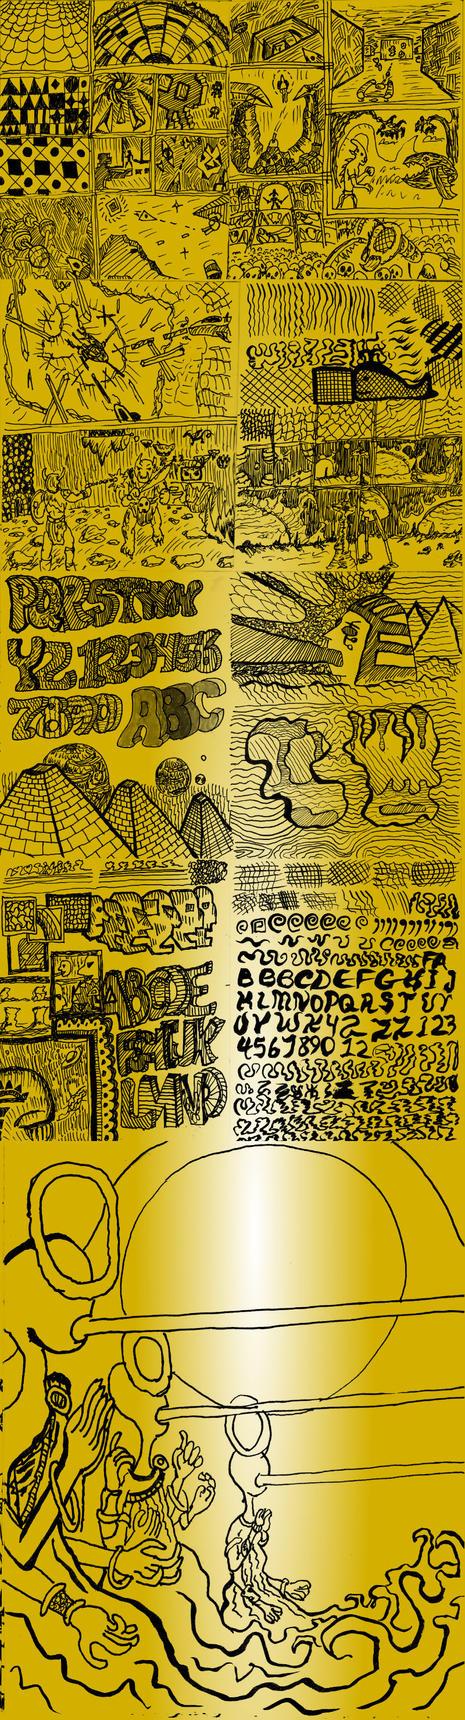 Sketch Upload 25Sep17 by KingNot